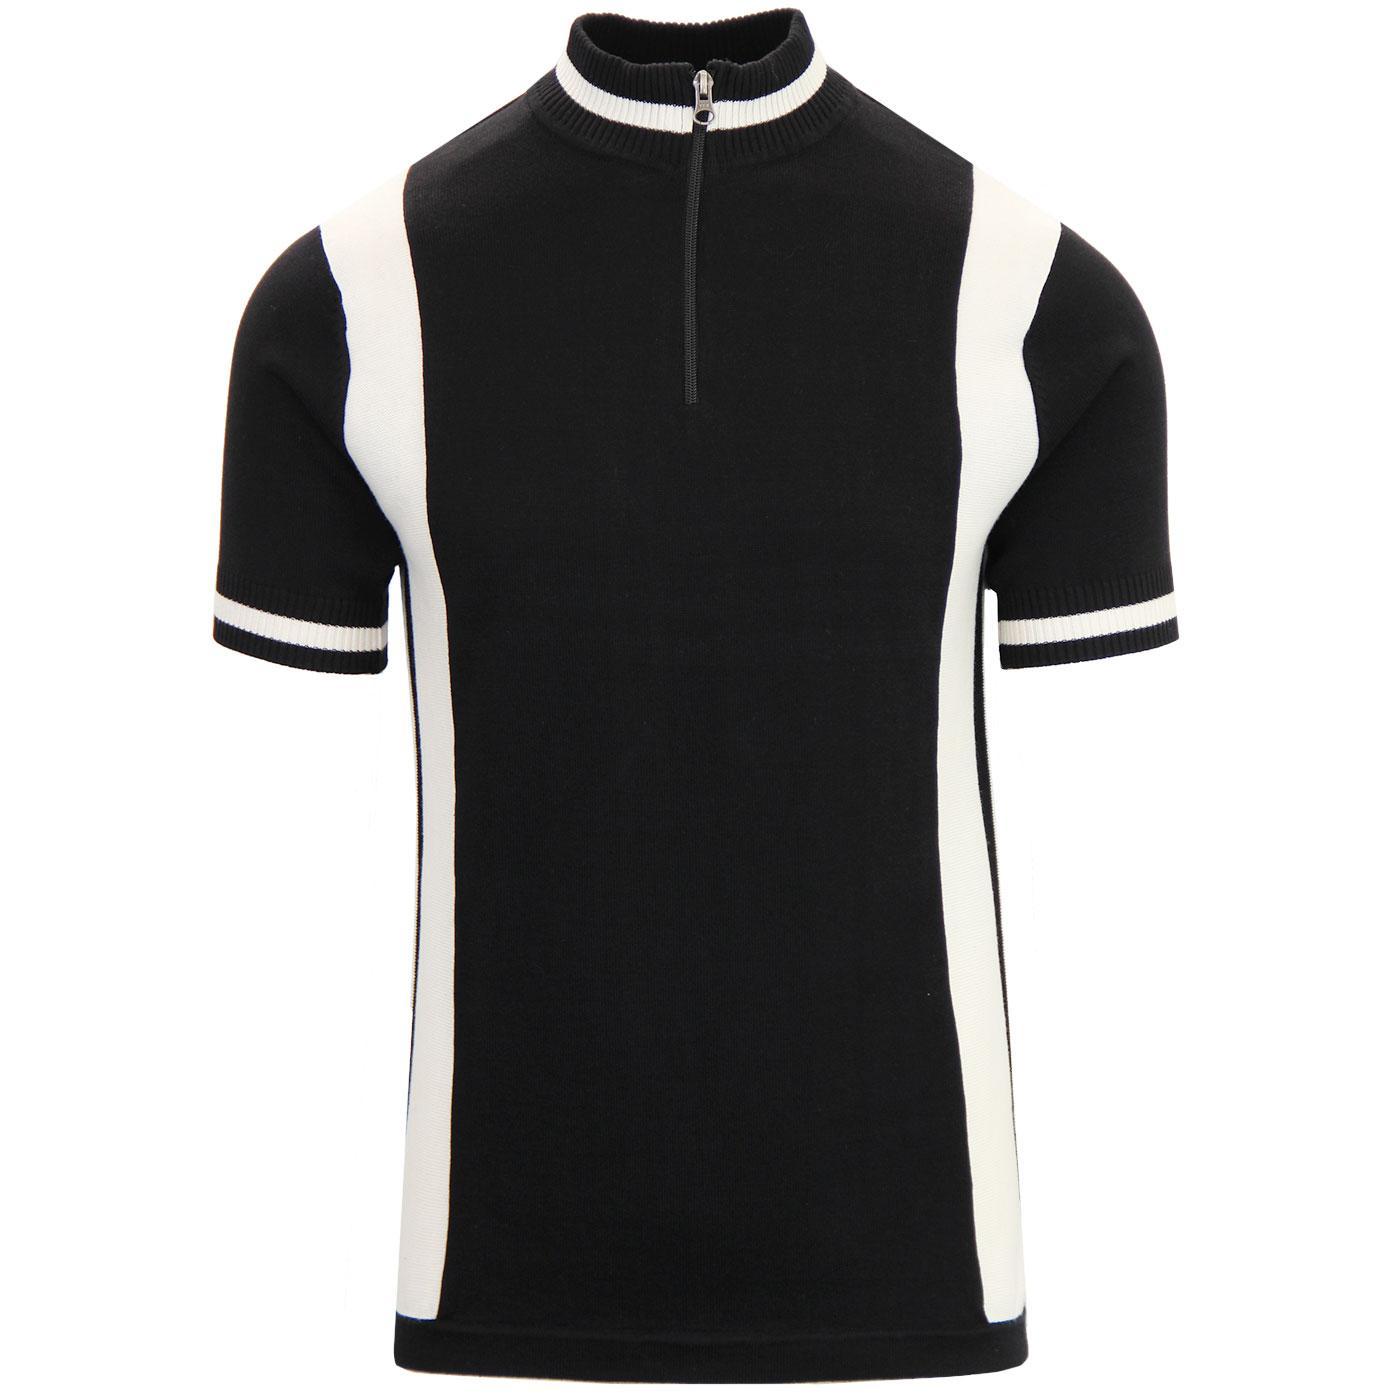 Vitesse MADCAP ENGLAND Retro Mod Cycling Top BLACK